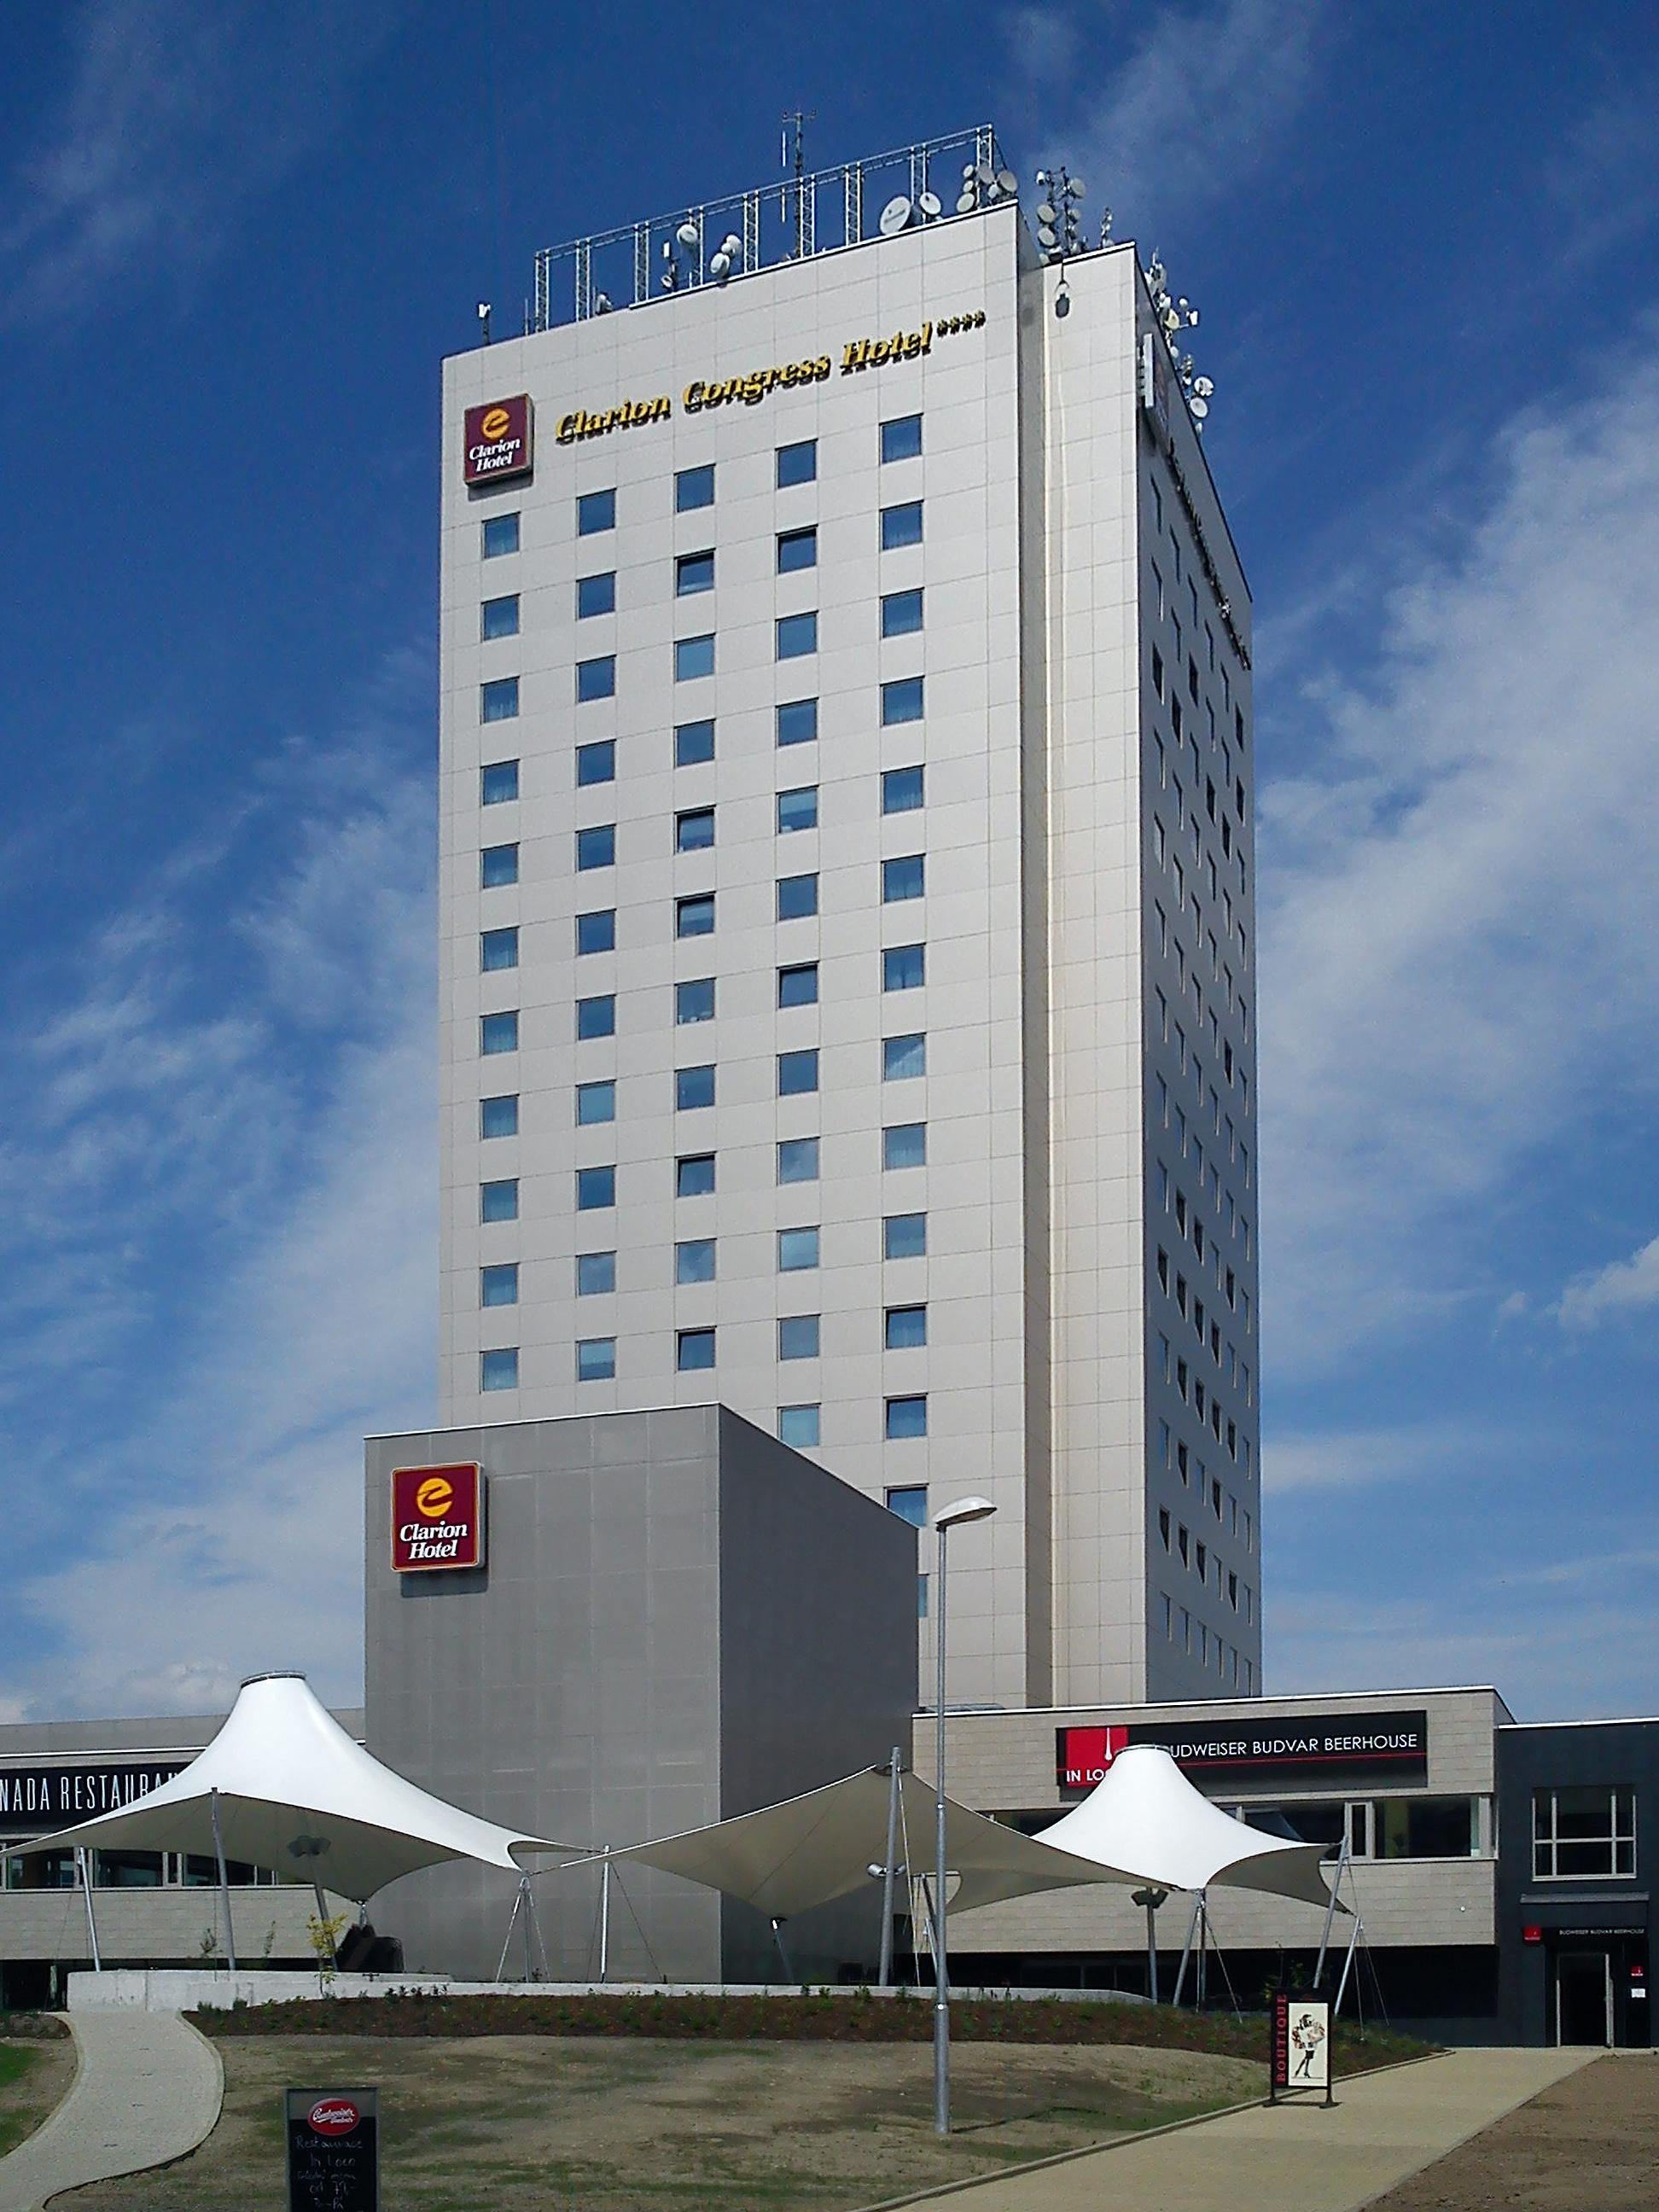 Clarion Congress Hotel Prag Bewertung